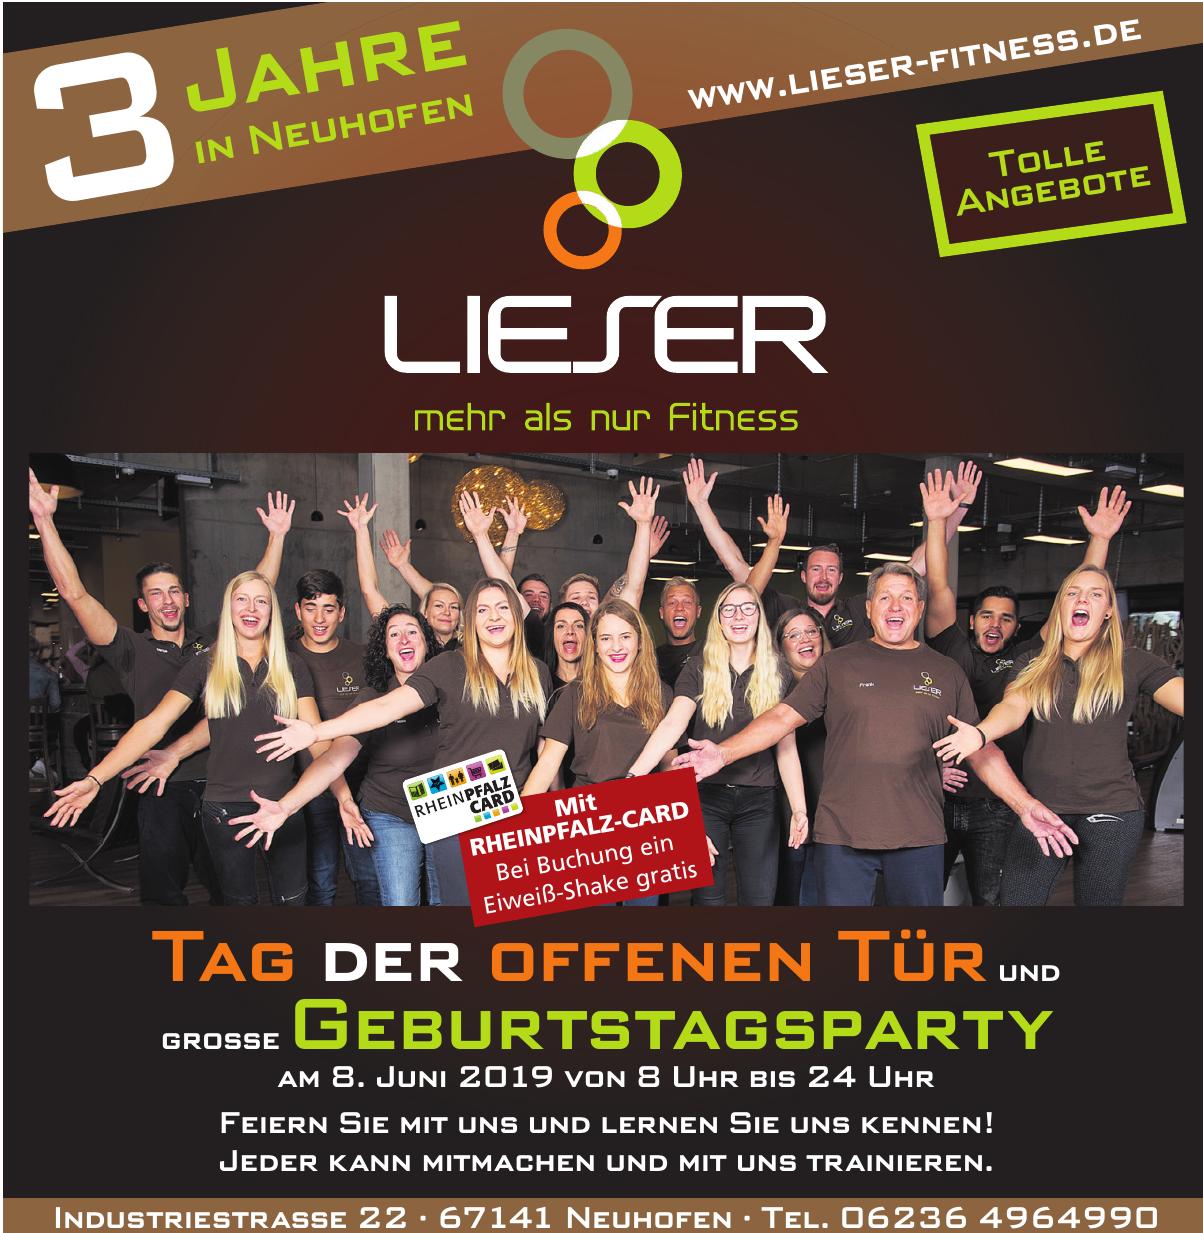 Lieser